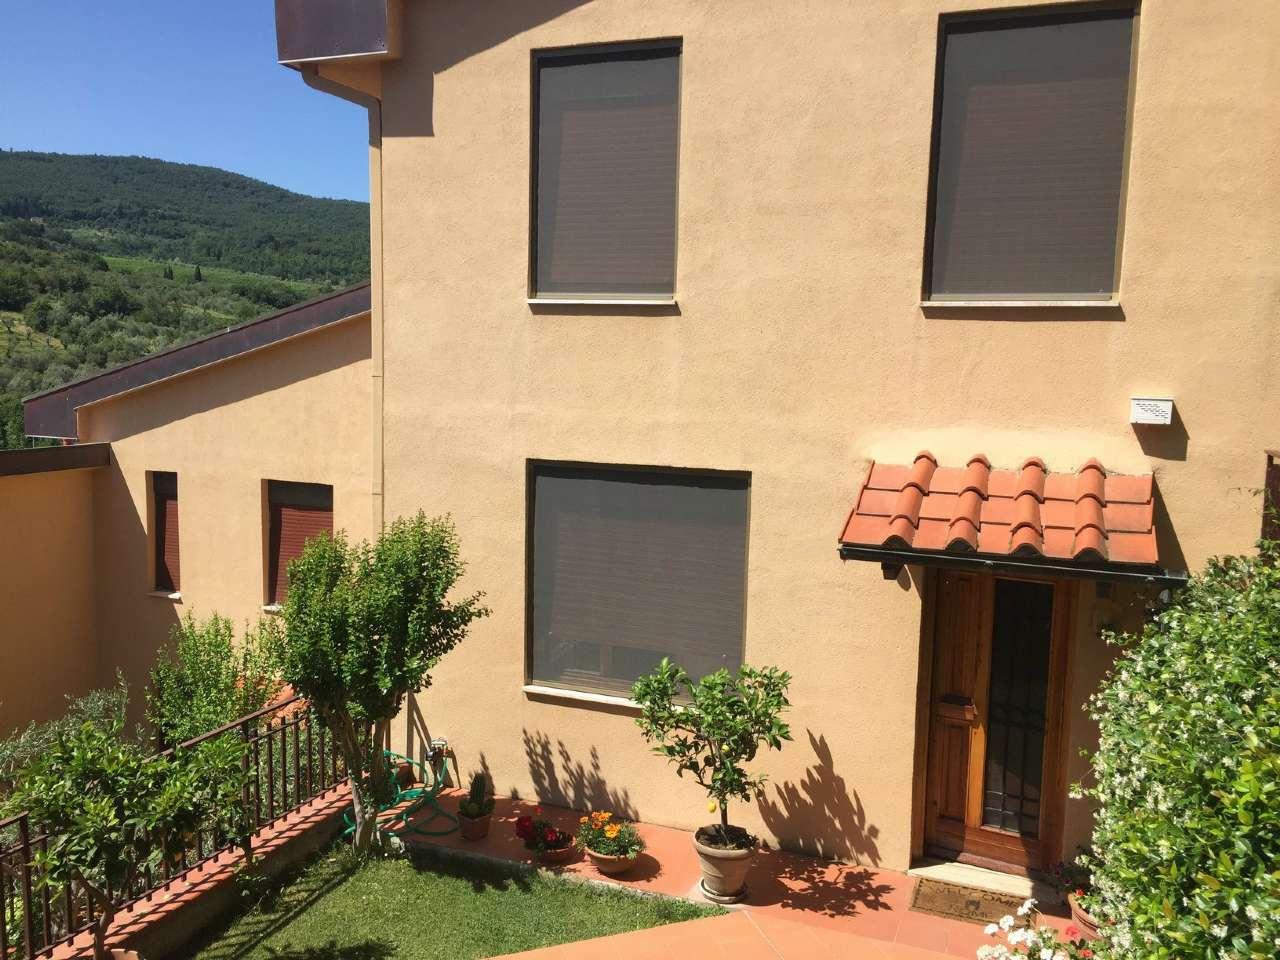 Villetta in Vendita a Fiesole Periferia: 5 locali, 150 mq